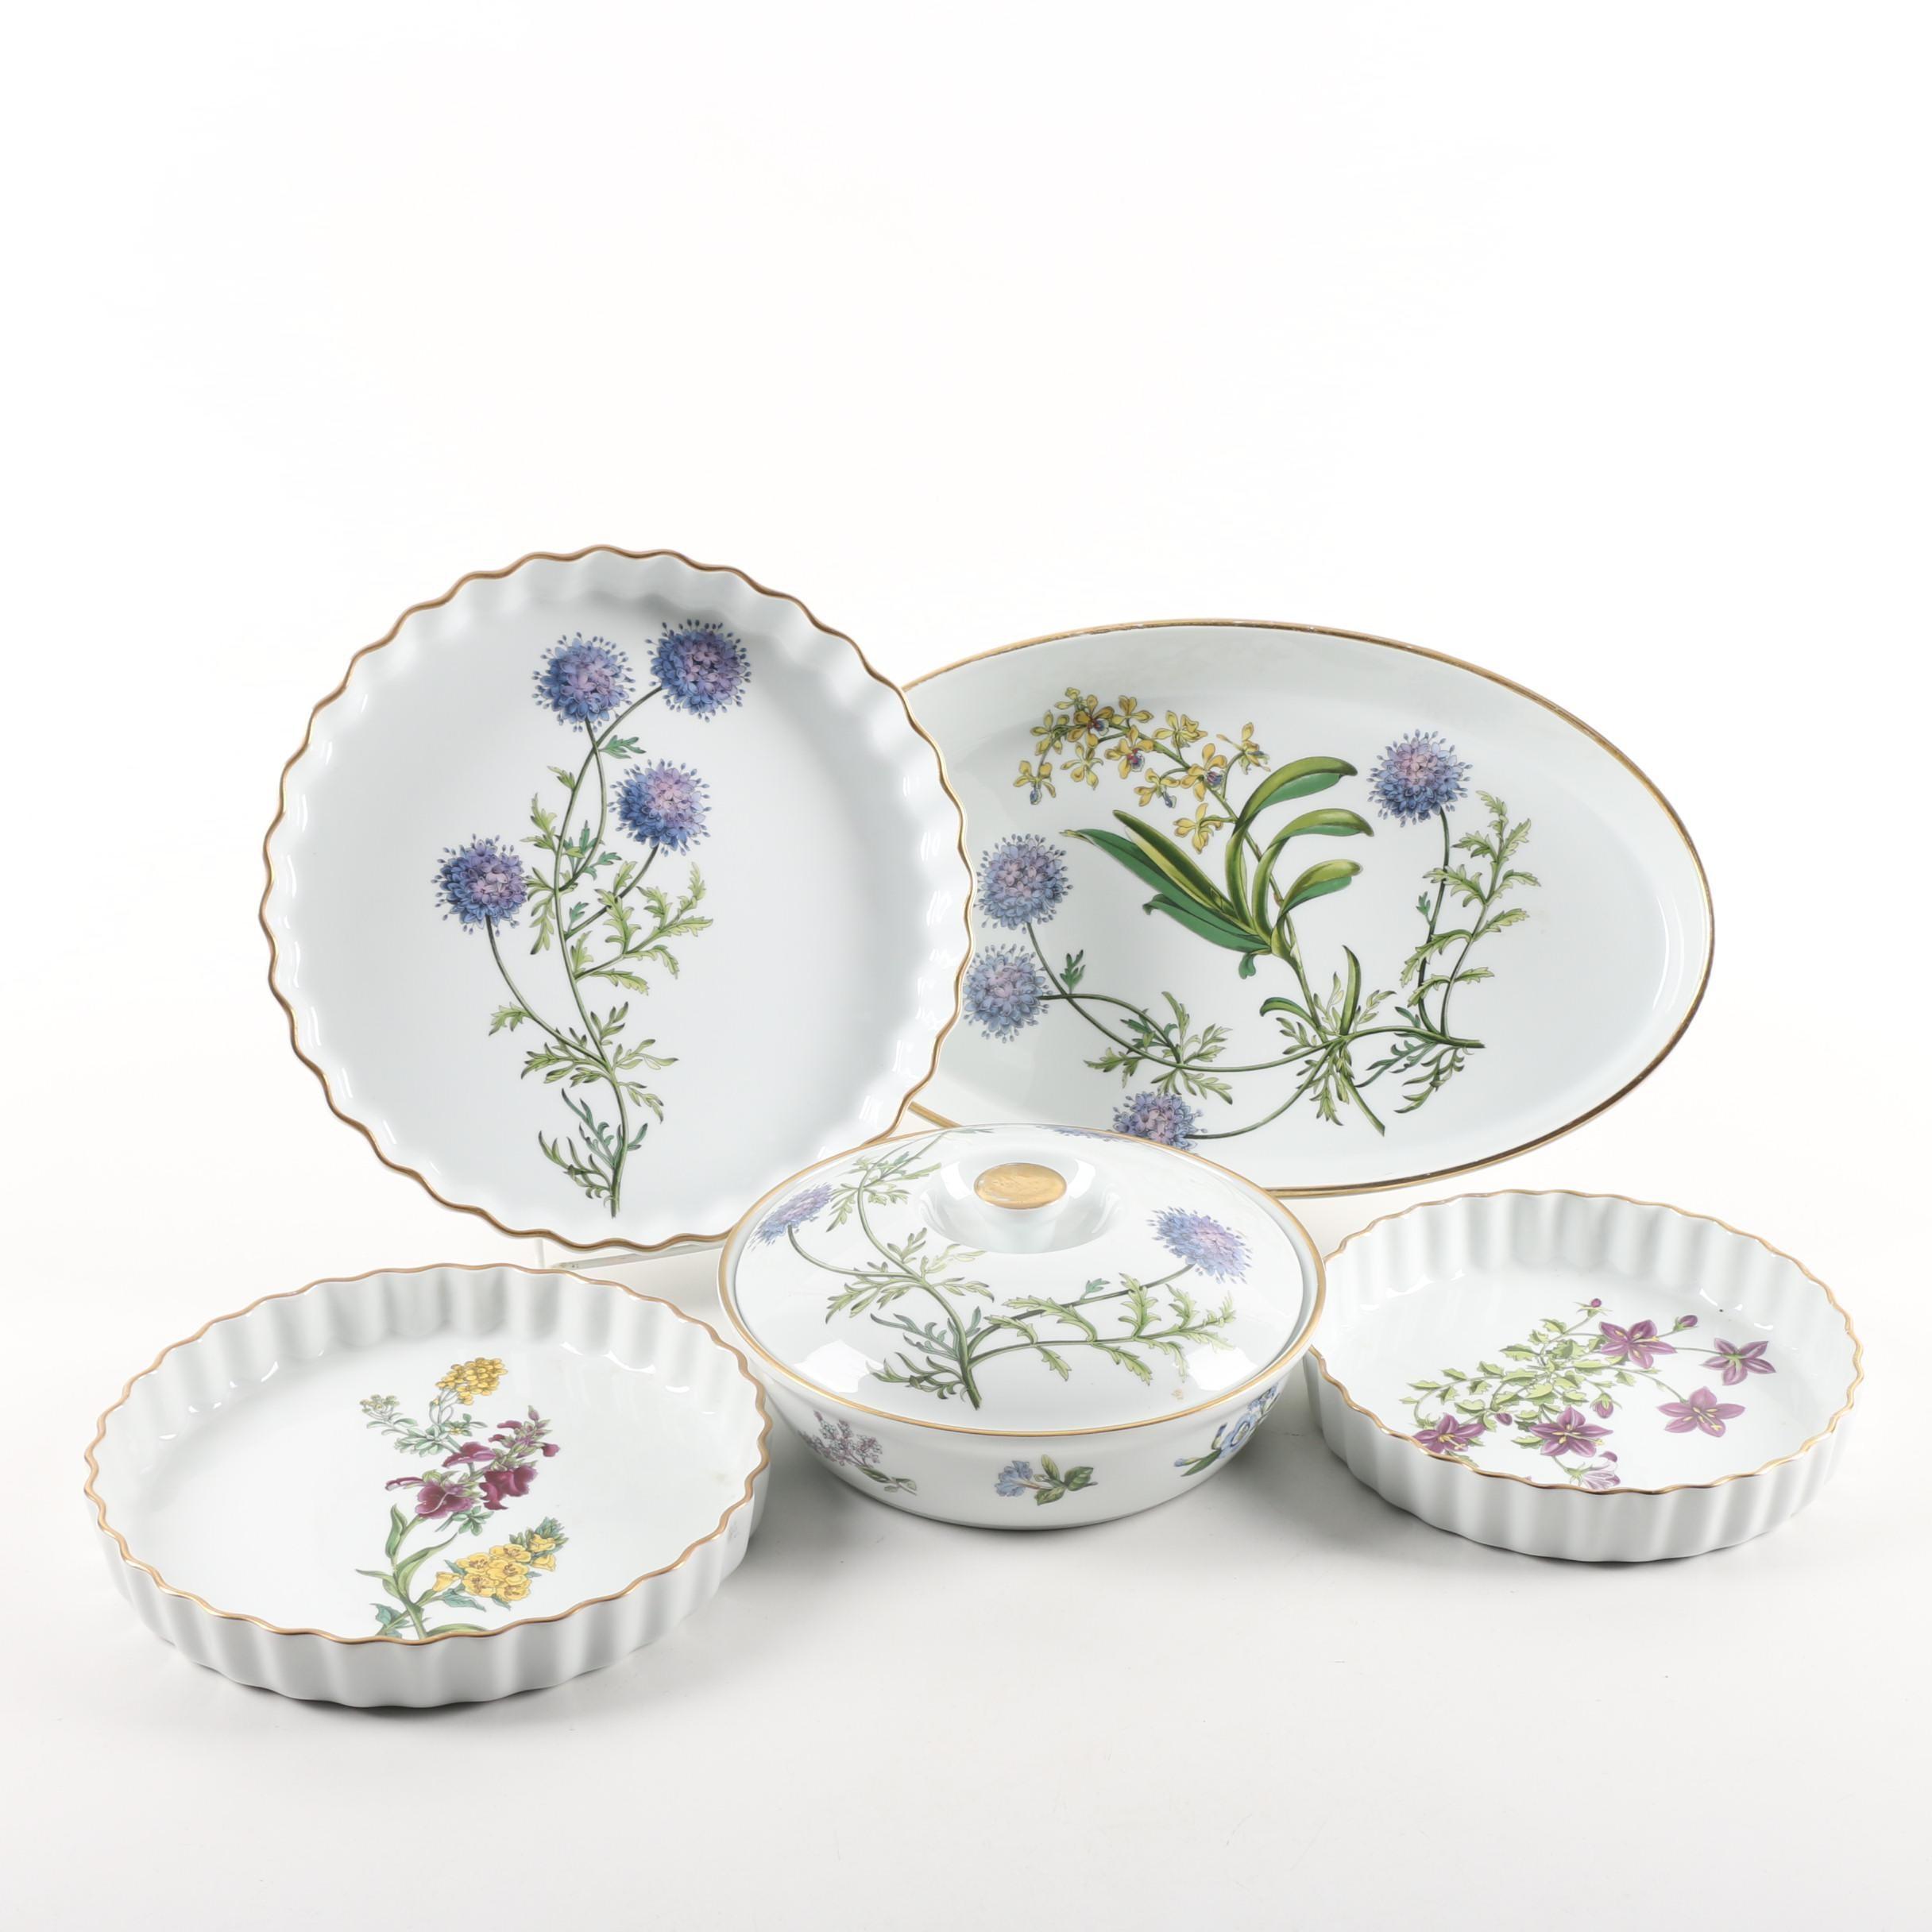 Spode  Stafford Flowers  Ceramic Oven-to-Tableware ...  sc 1 st  EBTH.com & Spode